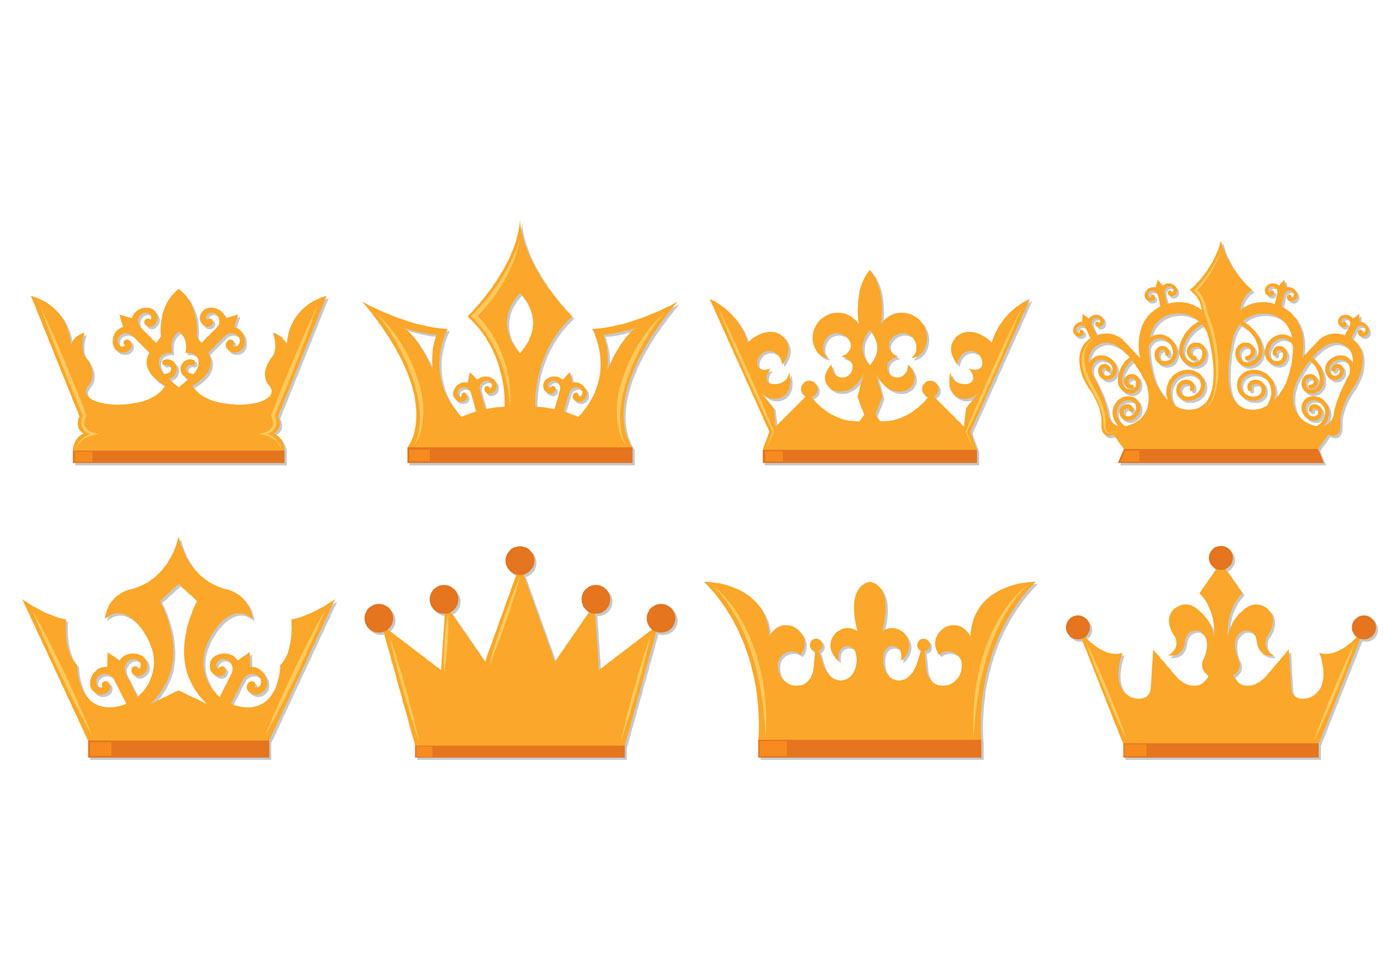 queen crowns vectors - photo #24